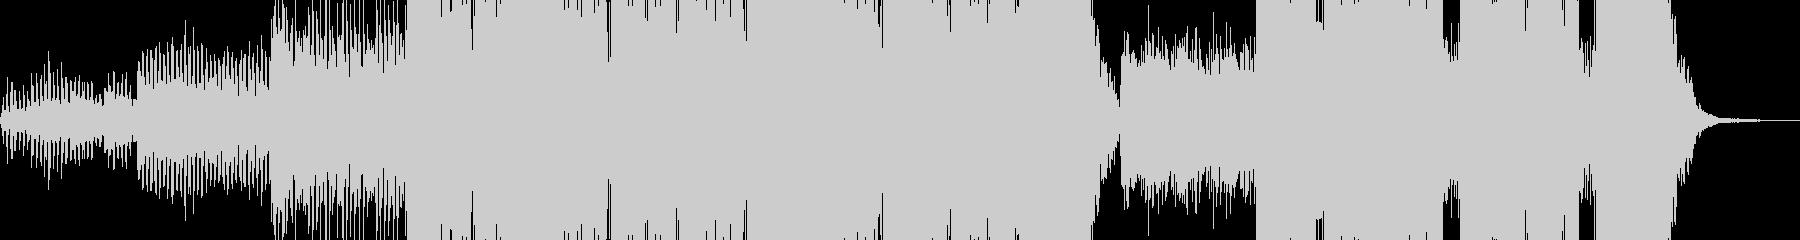 フェスで流れそうなクールなEDMの未再生の波形